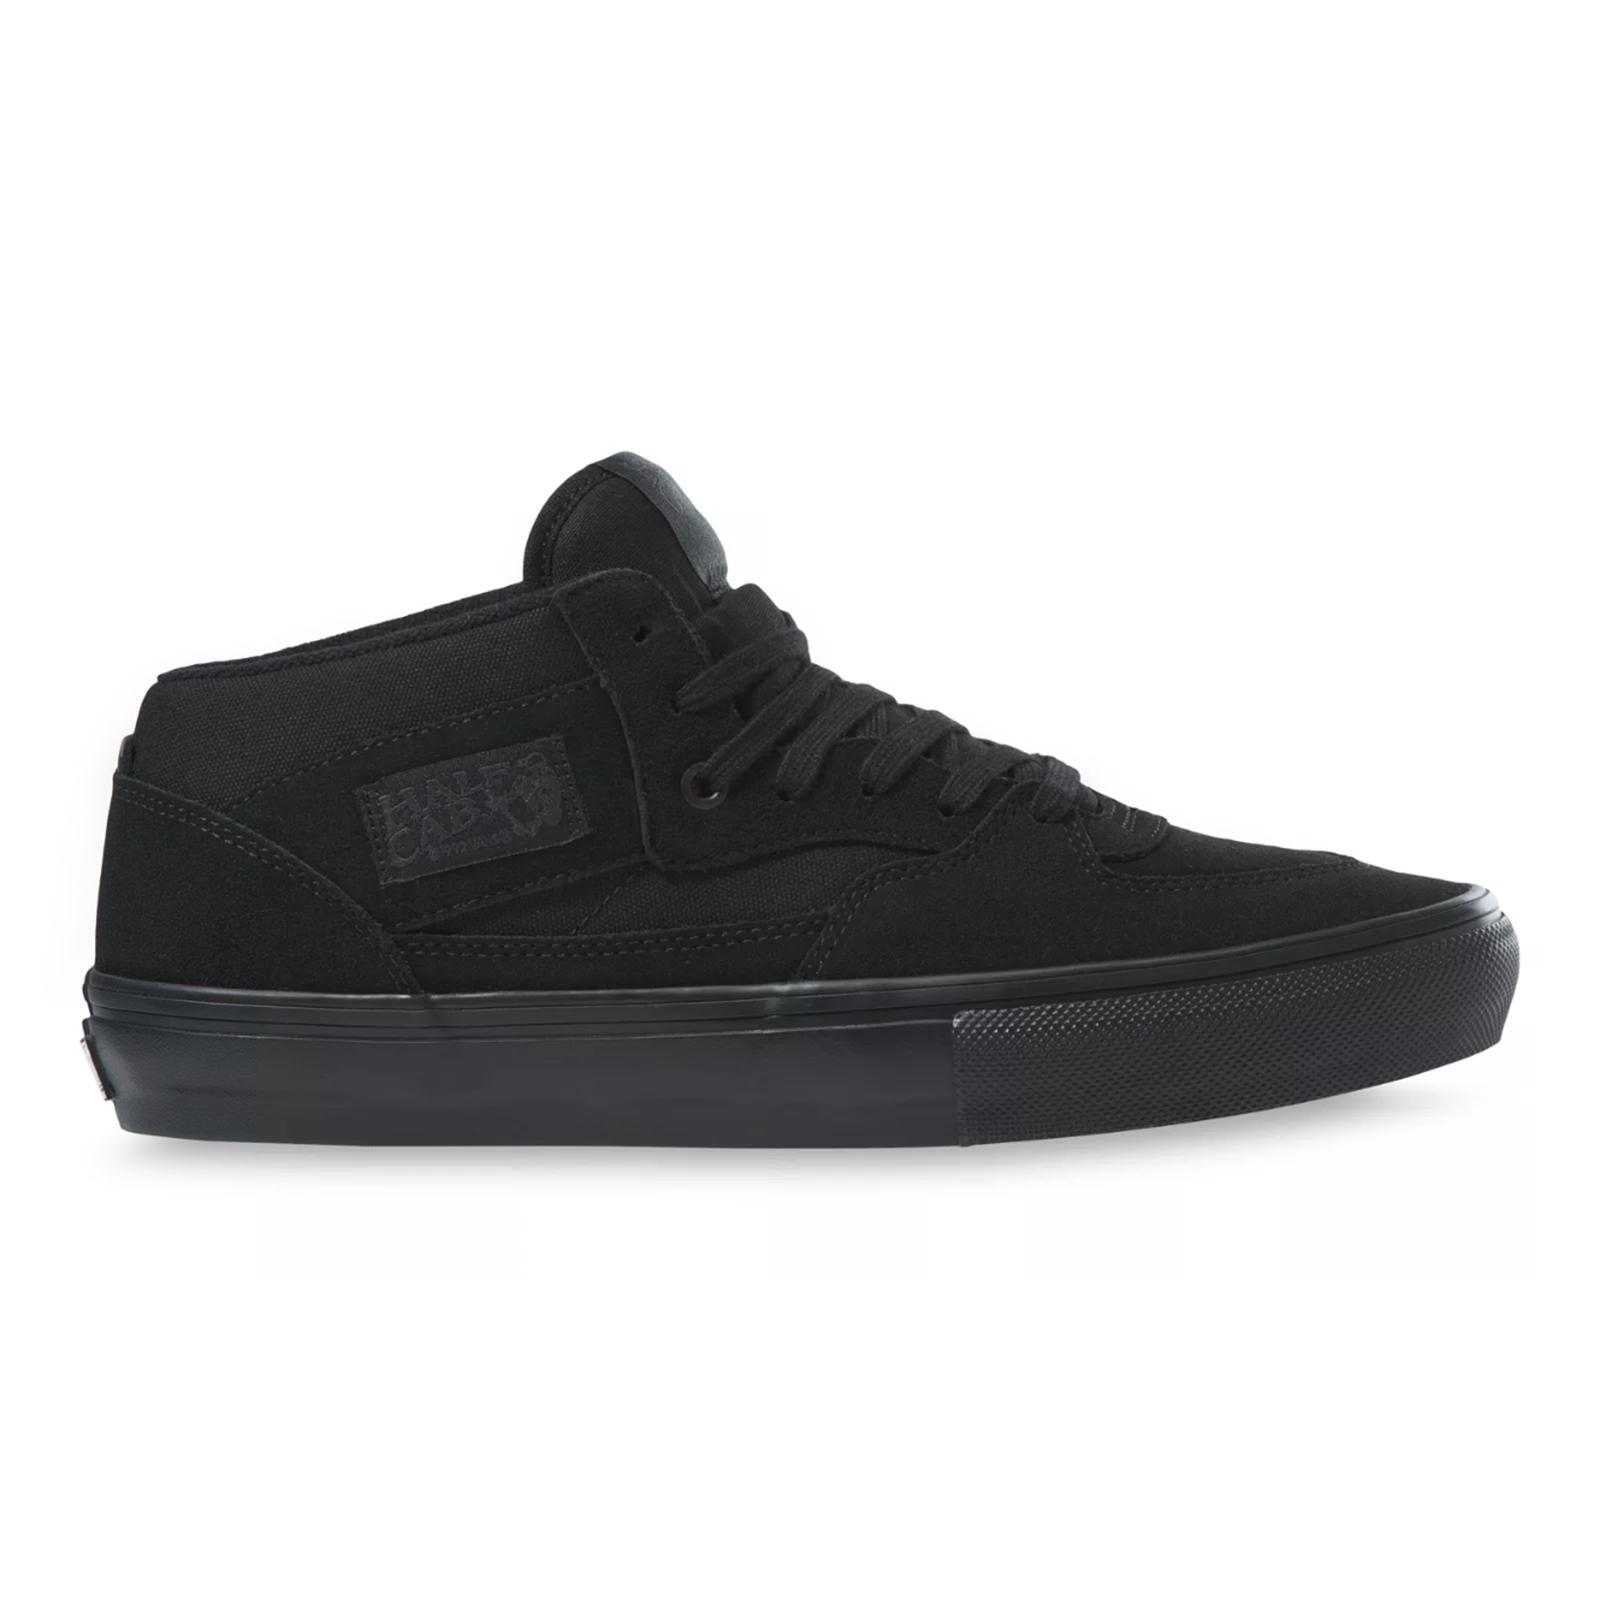 Vans Half Cab Skateboard Shoe